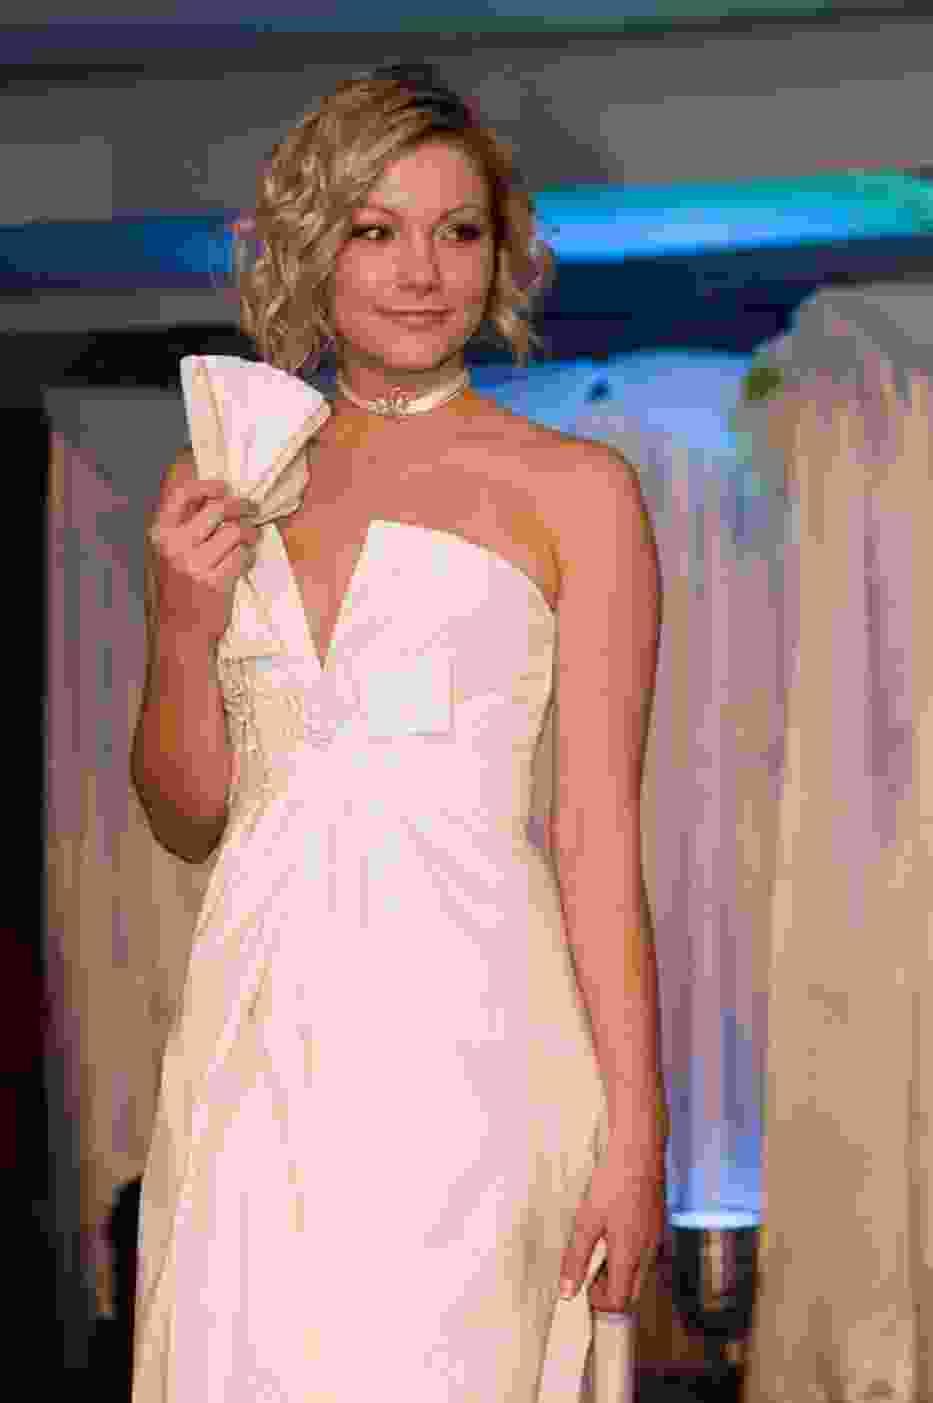 Paryska suknia prezentowana przez Miss Wybrzeża 2009 - Karolinę Rogowską